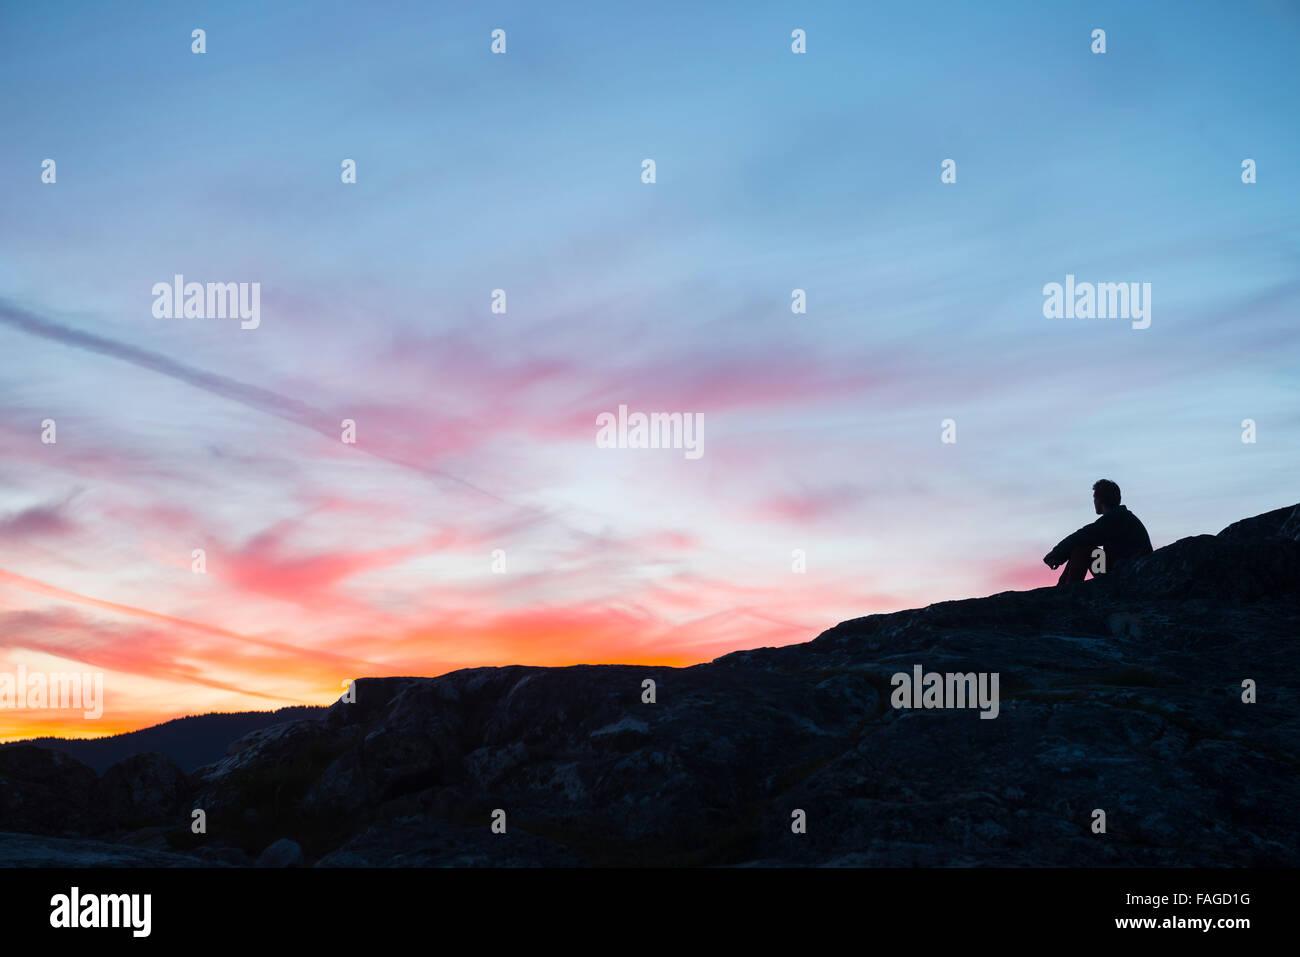 A lone man enjoying a beautiful sunset - Stock Image